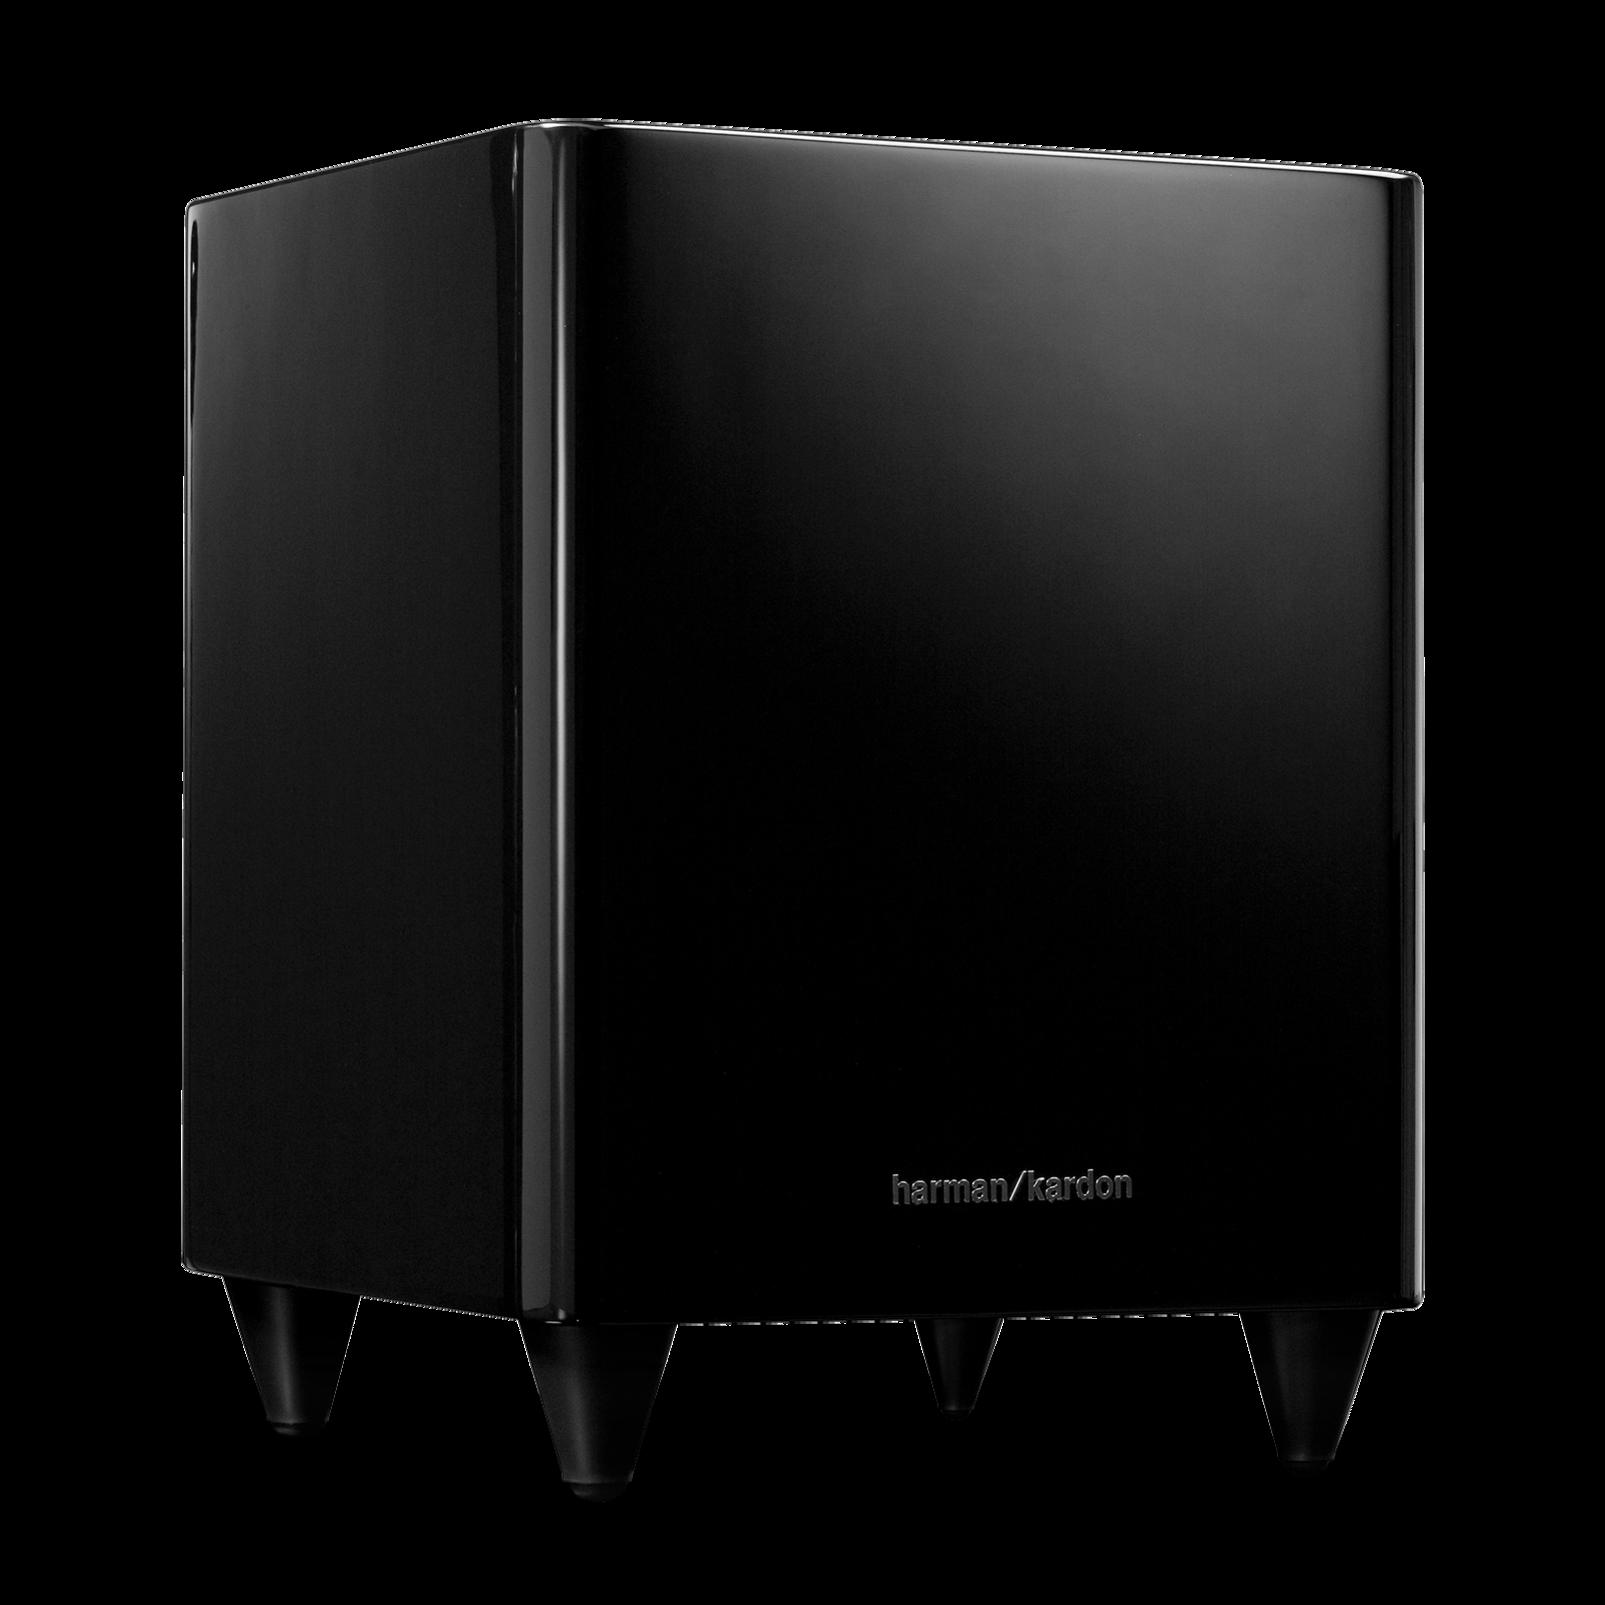 hkts 30 5 1 channel home theatre speaker system. Black Bedroom Furniture Sets. Home Design Ideas